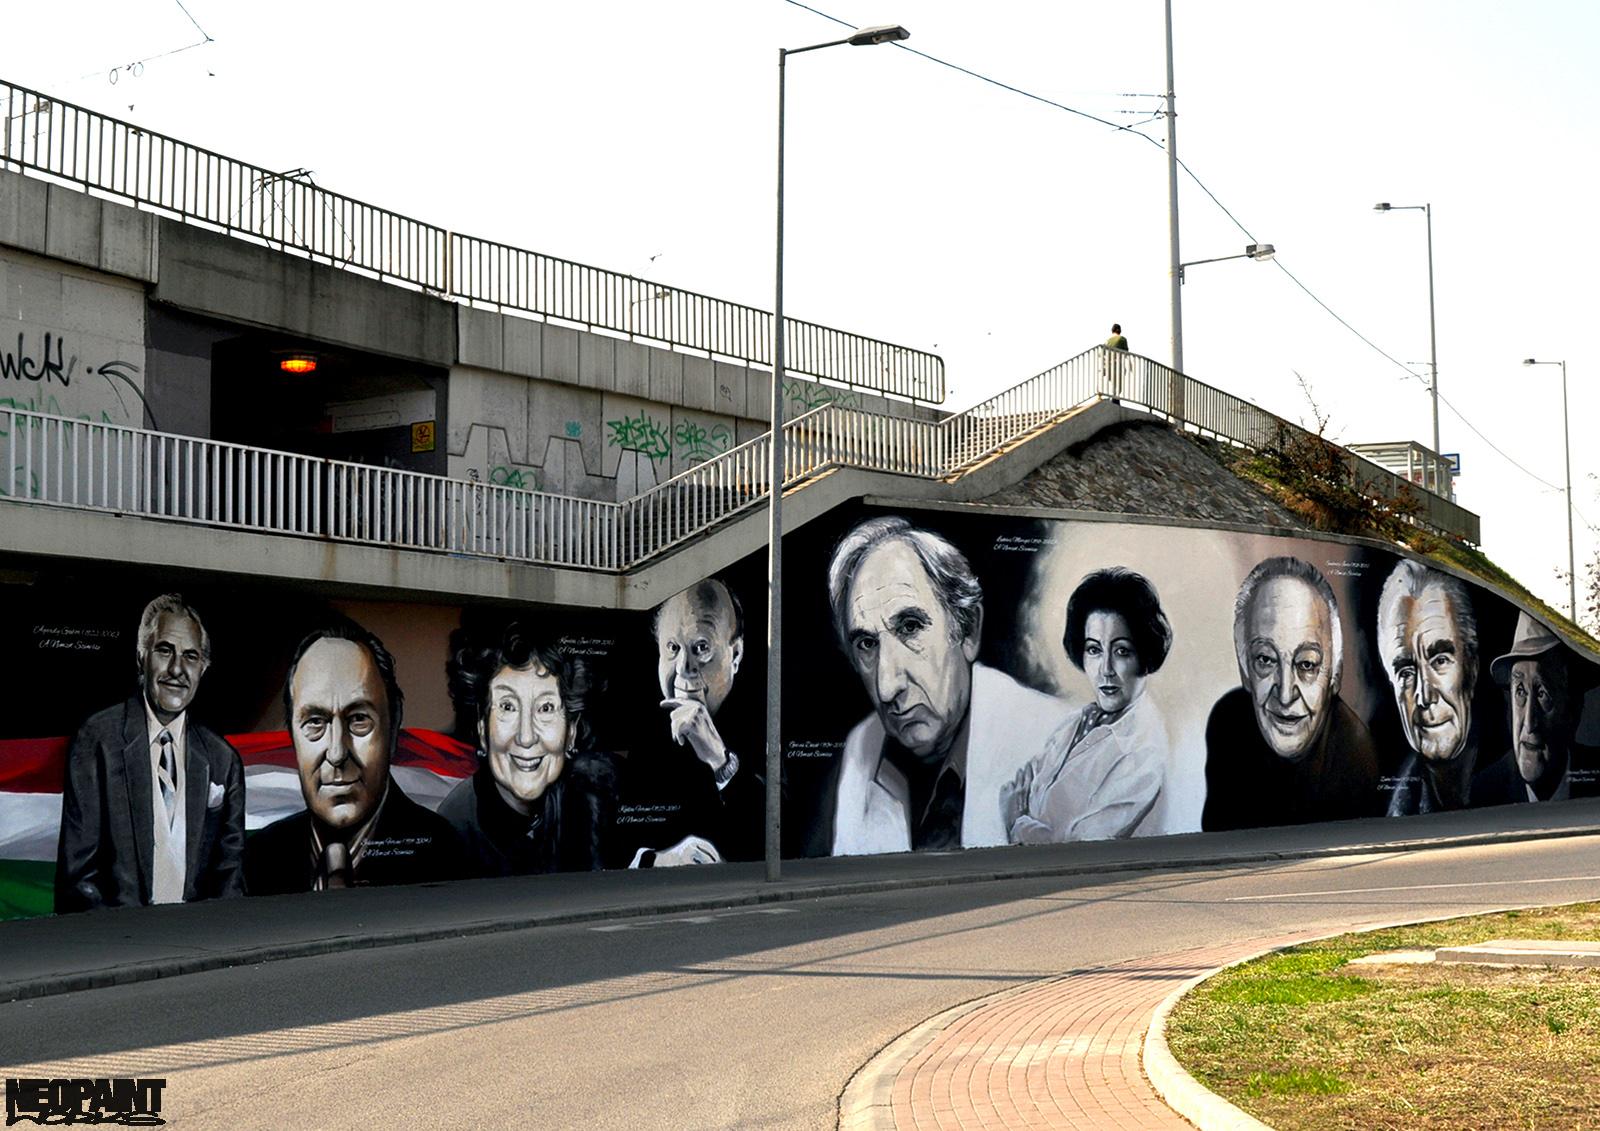 neopaint works - művészi falfestmény utcán - a nemzet színészei